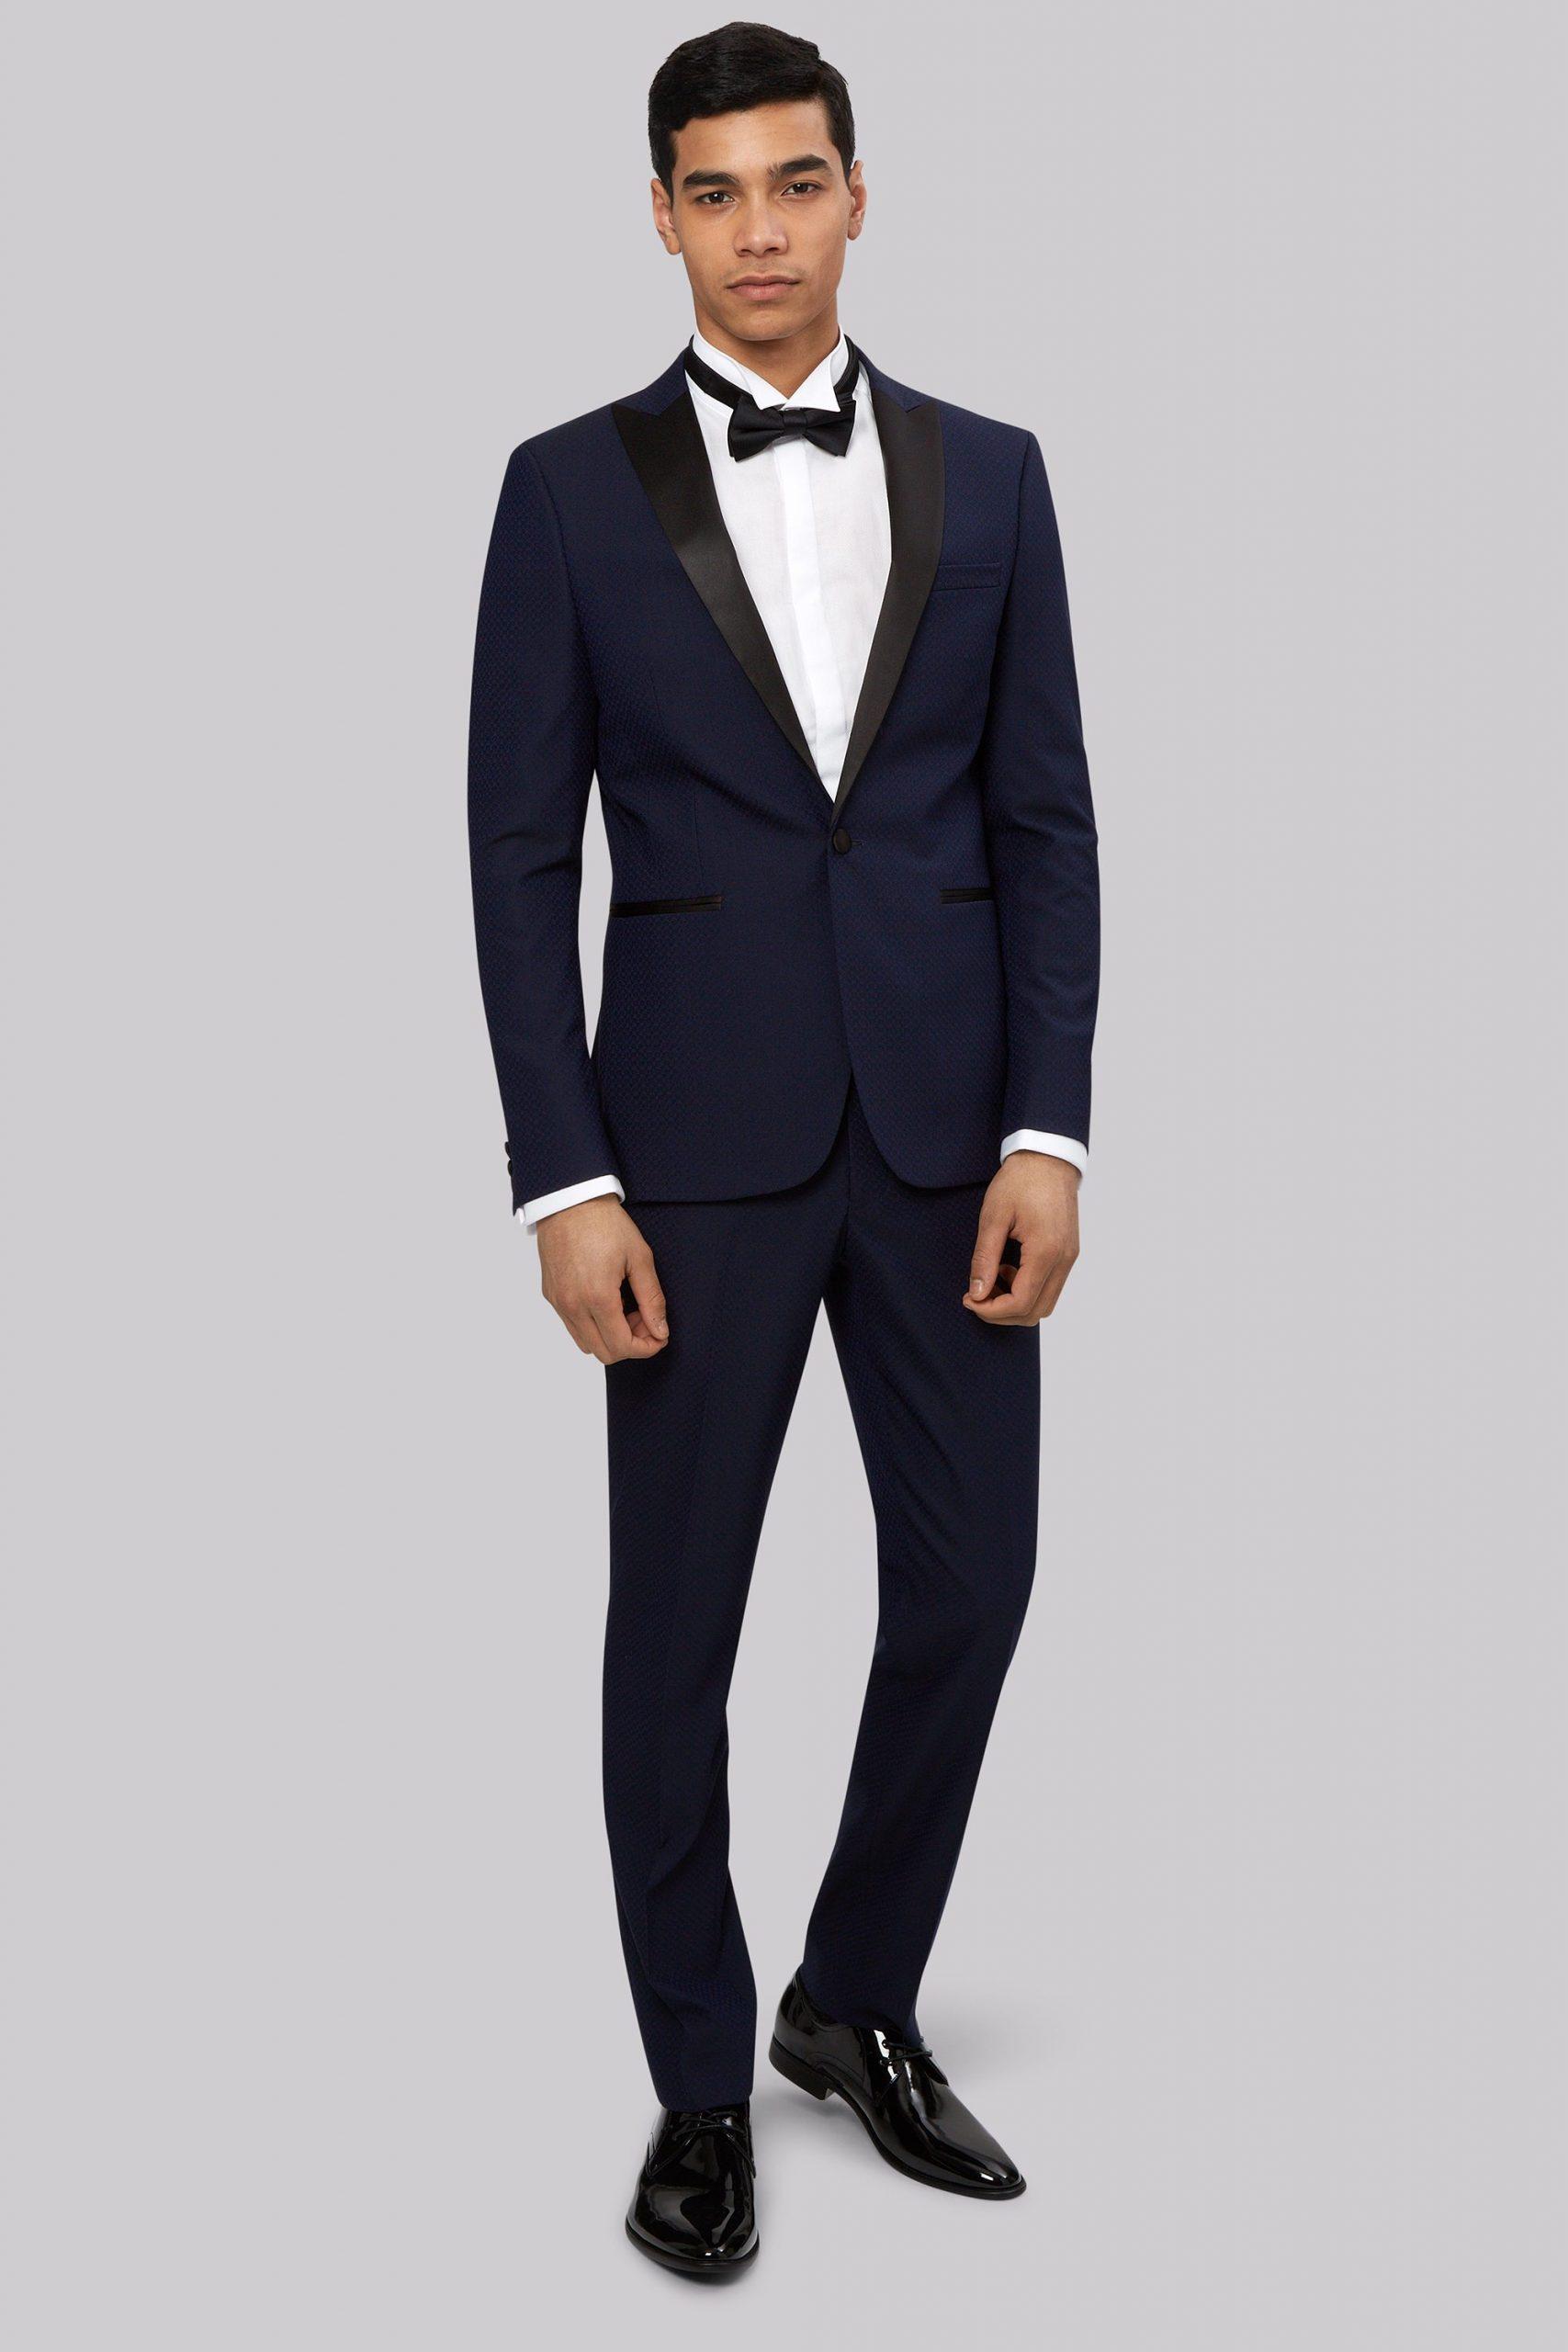 Slim Fit Suits Color Ideas